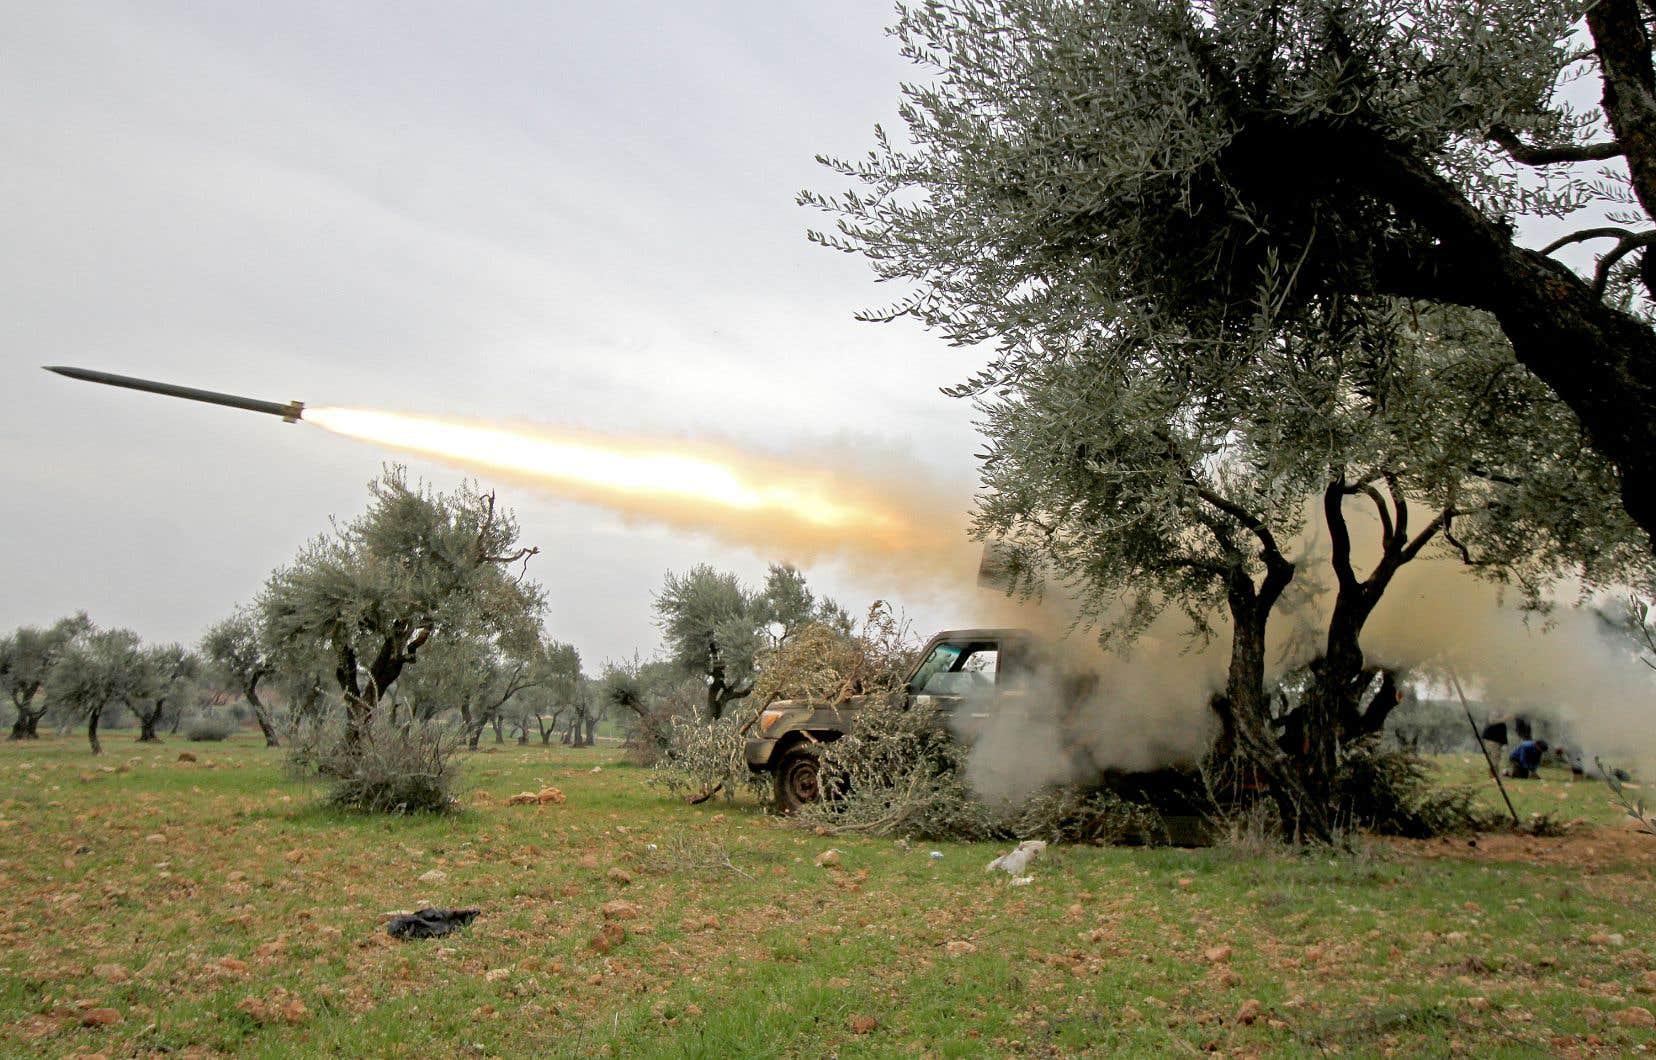 Des tirs d'artillerie ont fait vendredi un mort côté turc. Ankara, engagé aux côtés de certains groupes rebelles, comme ici, à Idlib, a par conséquent annoncé continuer «en représailles de frapper des cibles du régime» syrien.